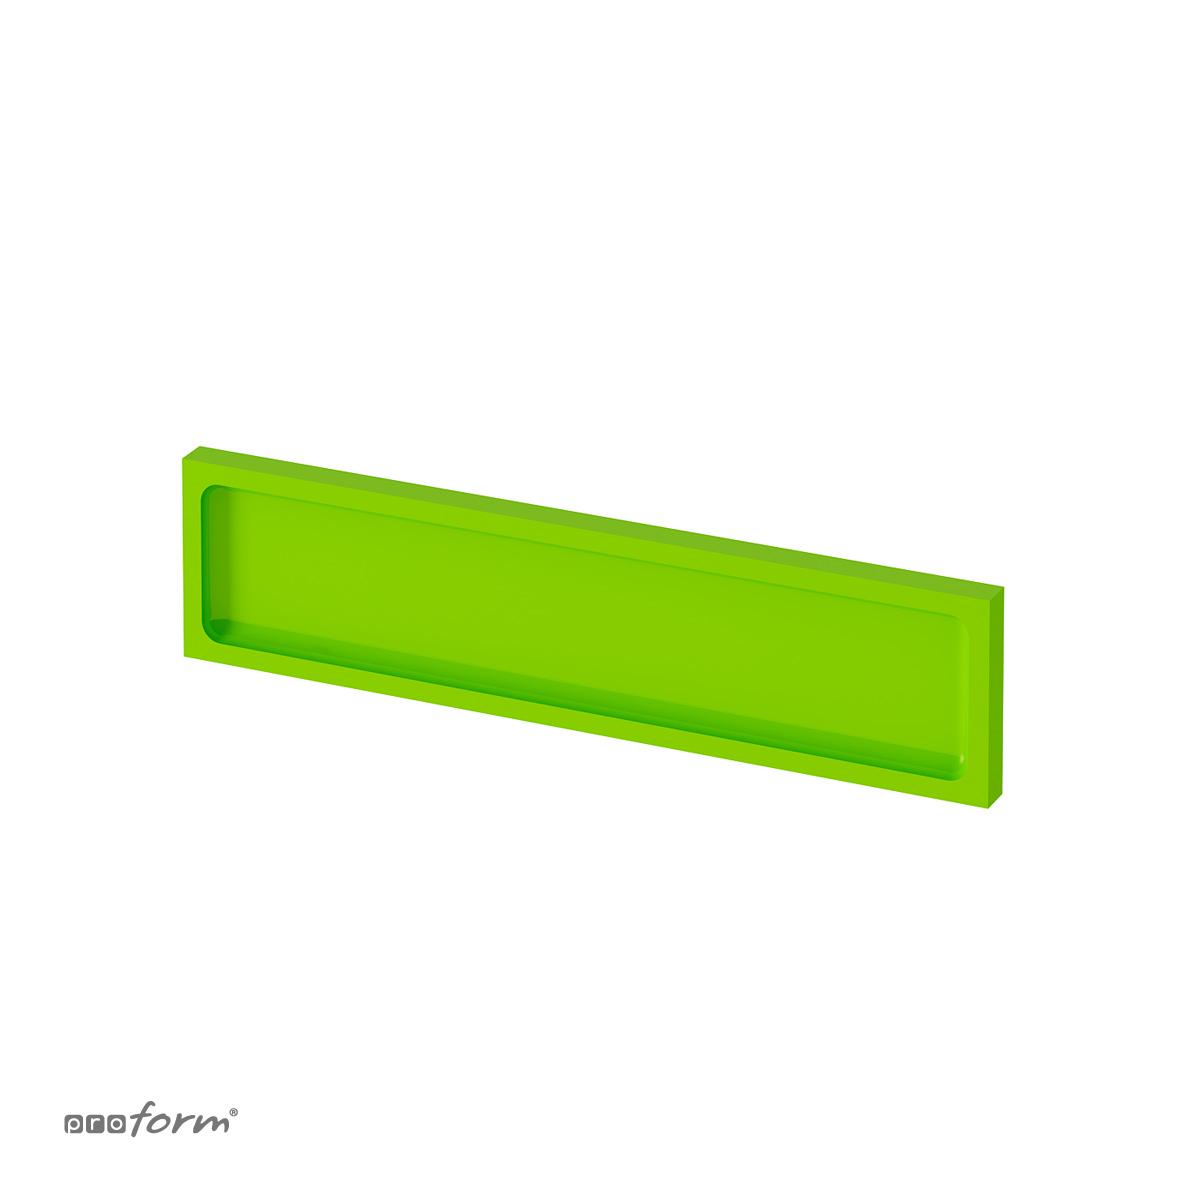 Zaślepka do szafek łazienkowych OPEN 04B zielona Proform